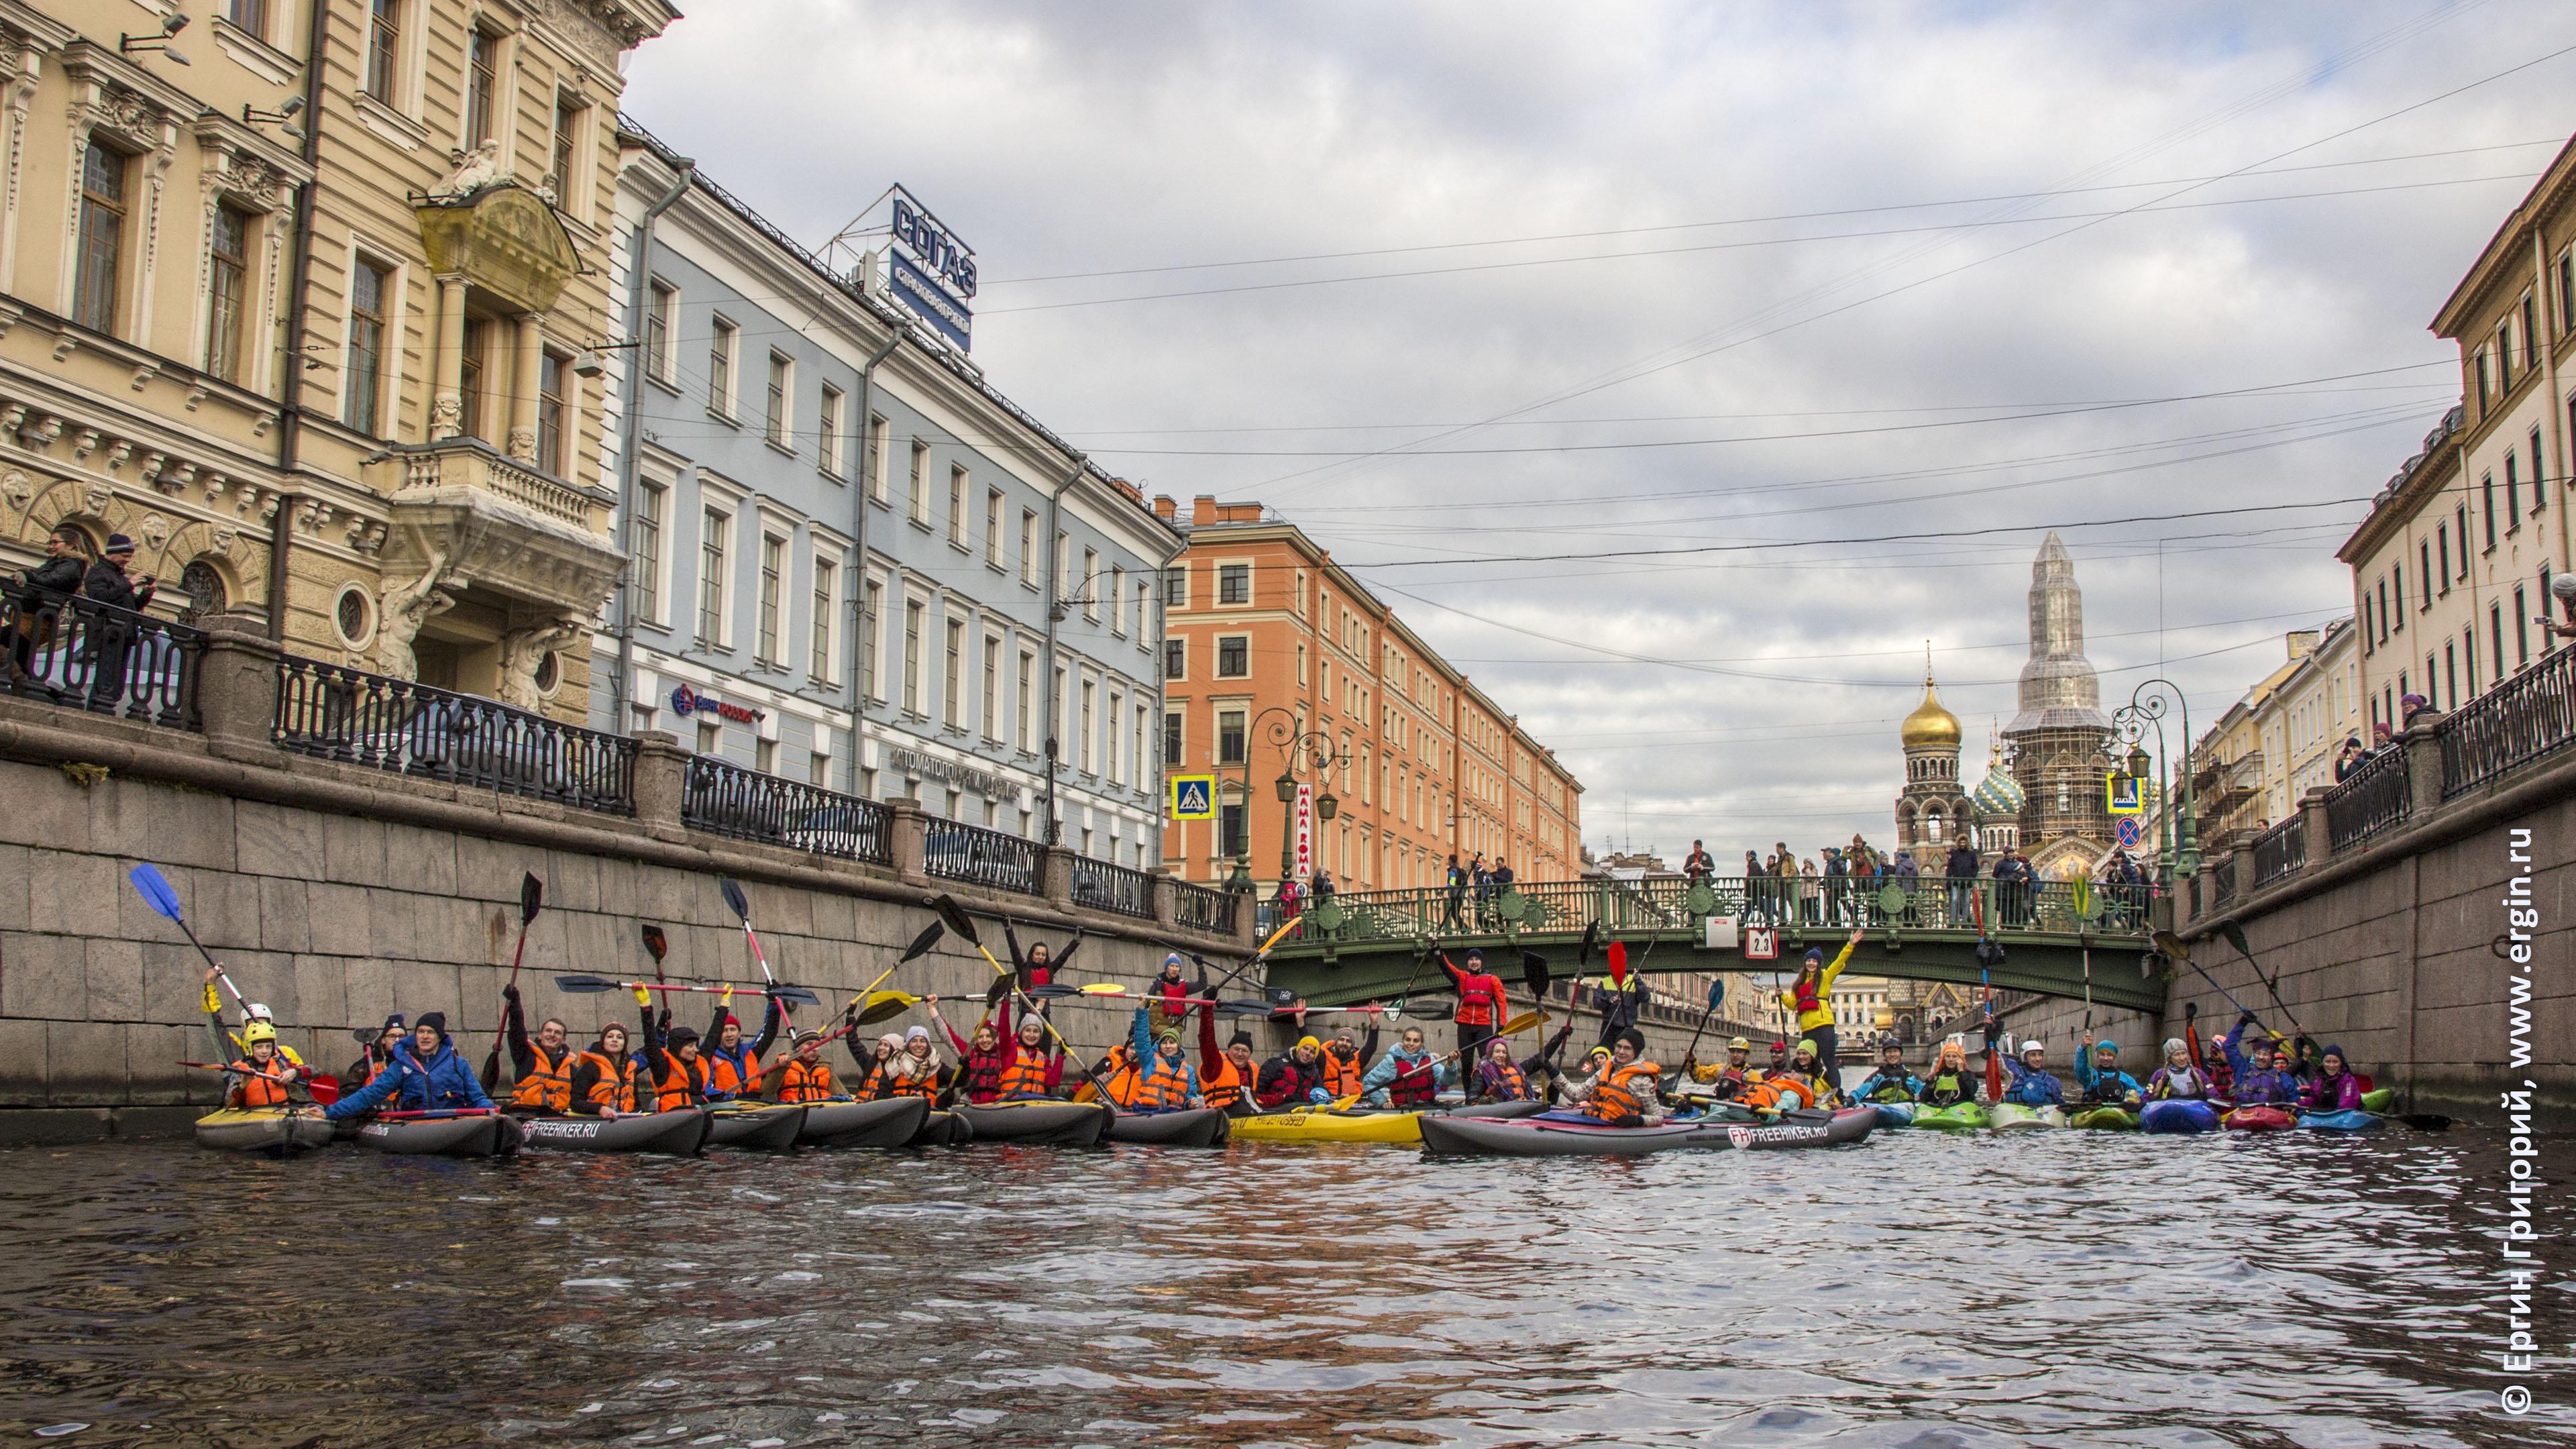 СПб каякеры байдарочники САП-серферы на канале Грибоедова под Итальянским мостом